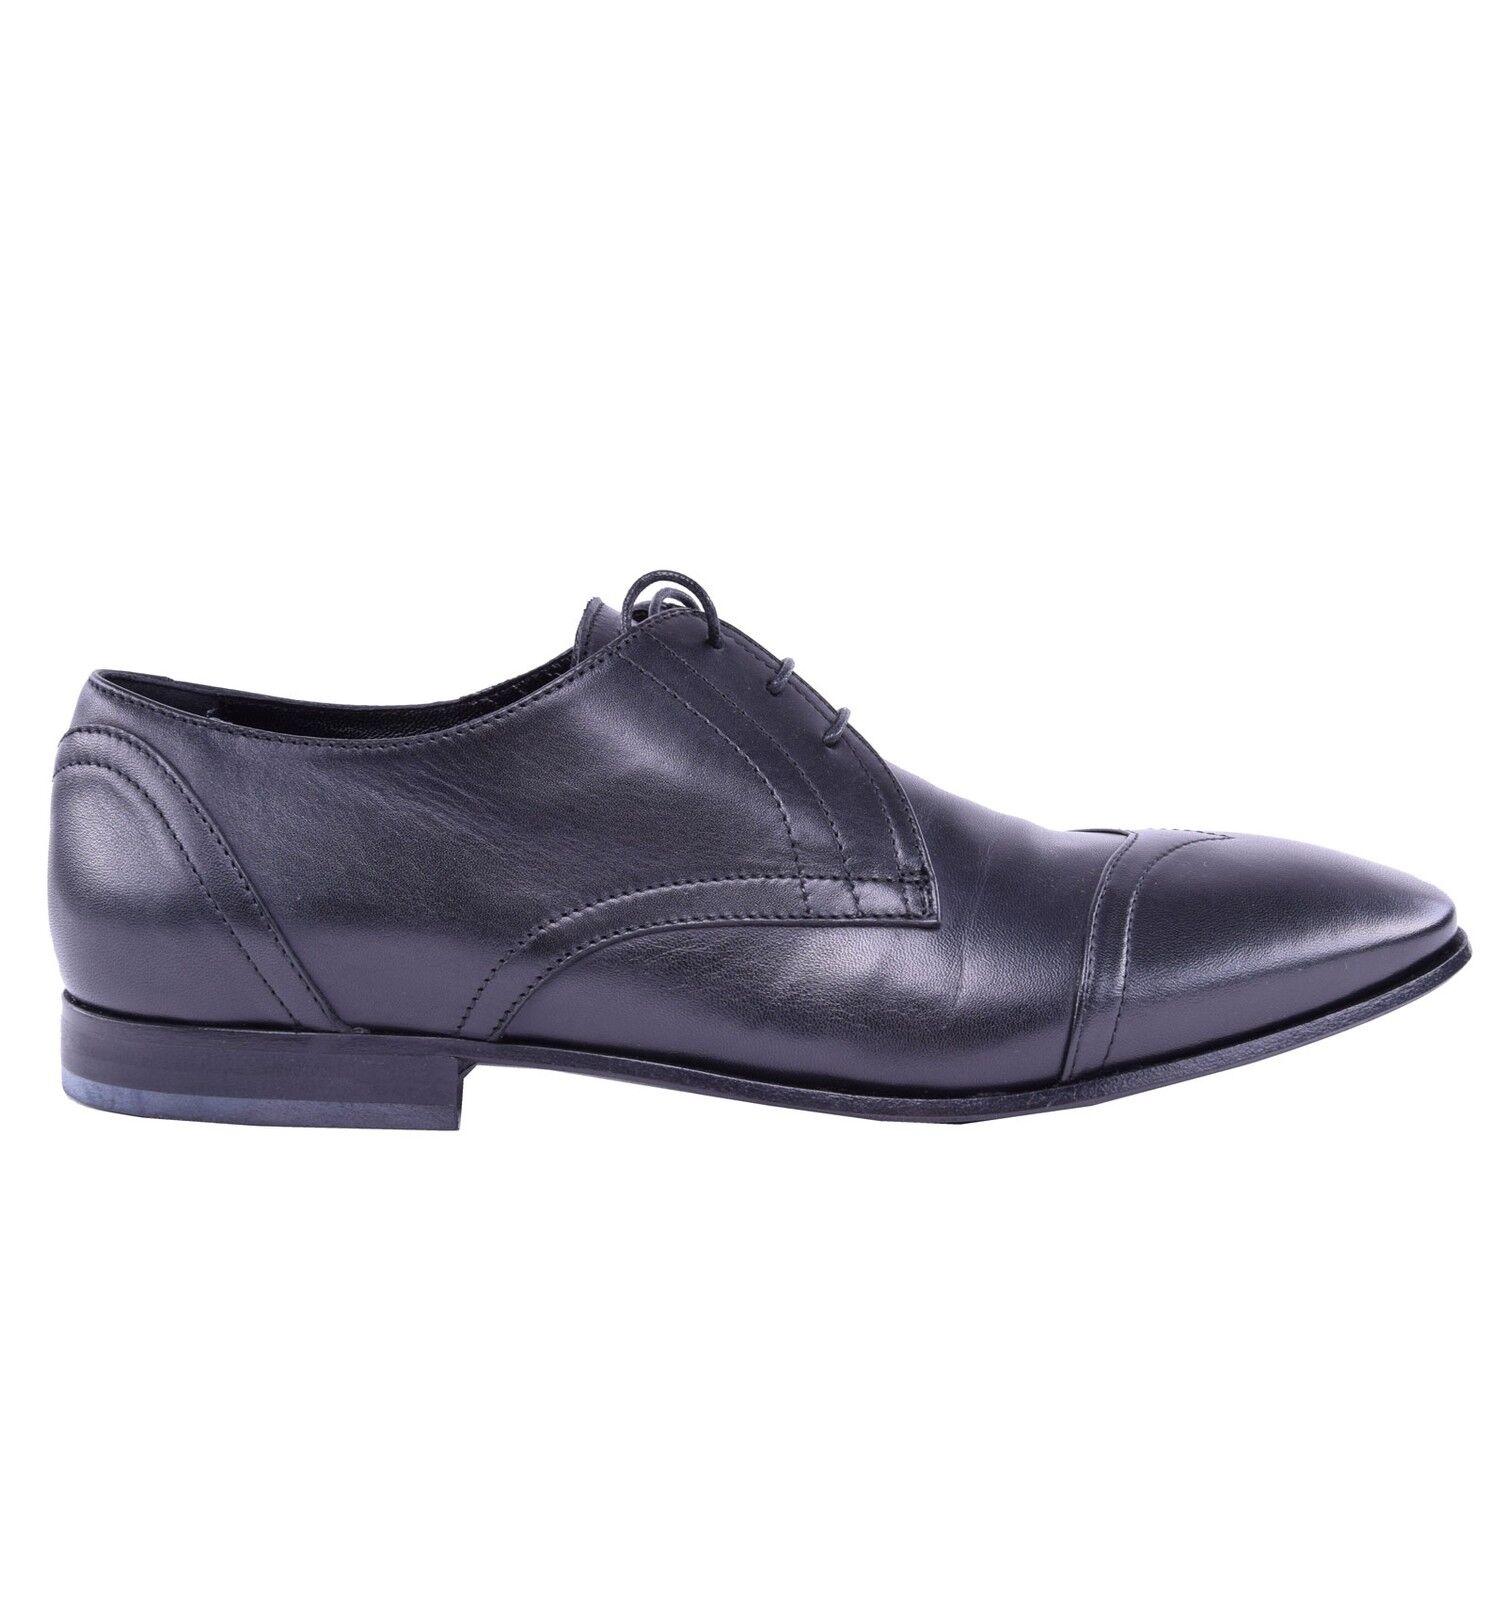 JOHN GALLIANO Business Schuhe Schwarz Schuhes schwarz 03968